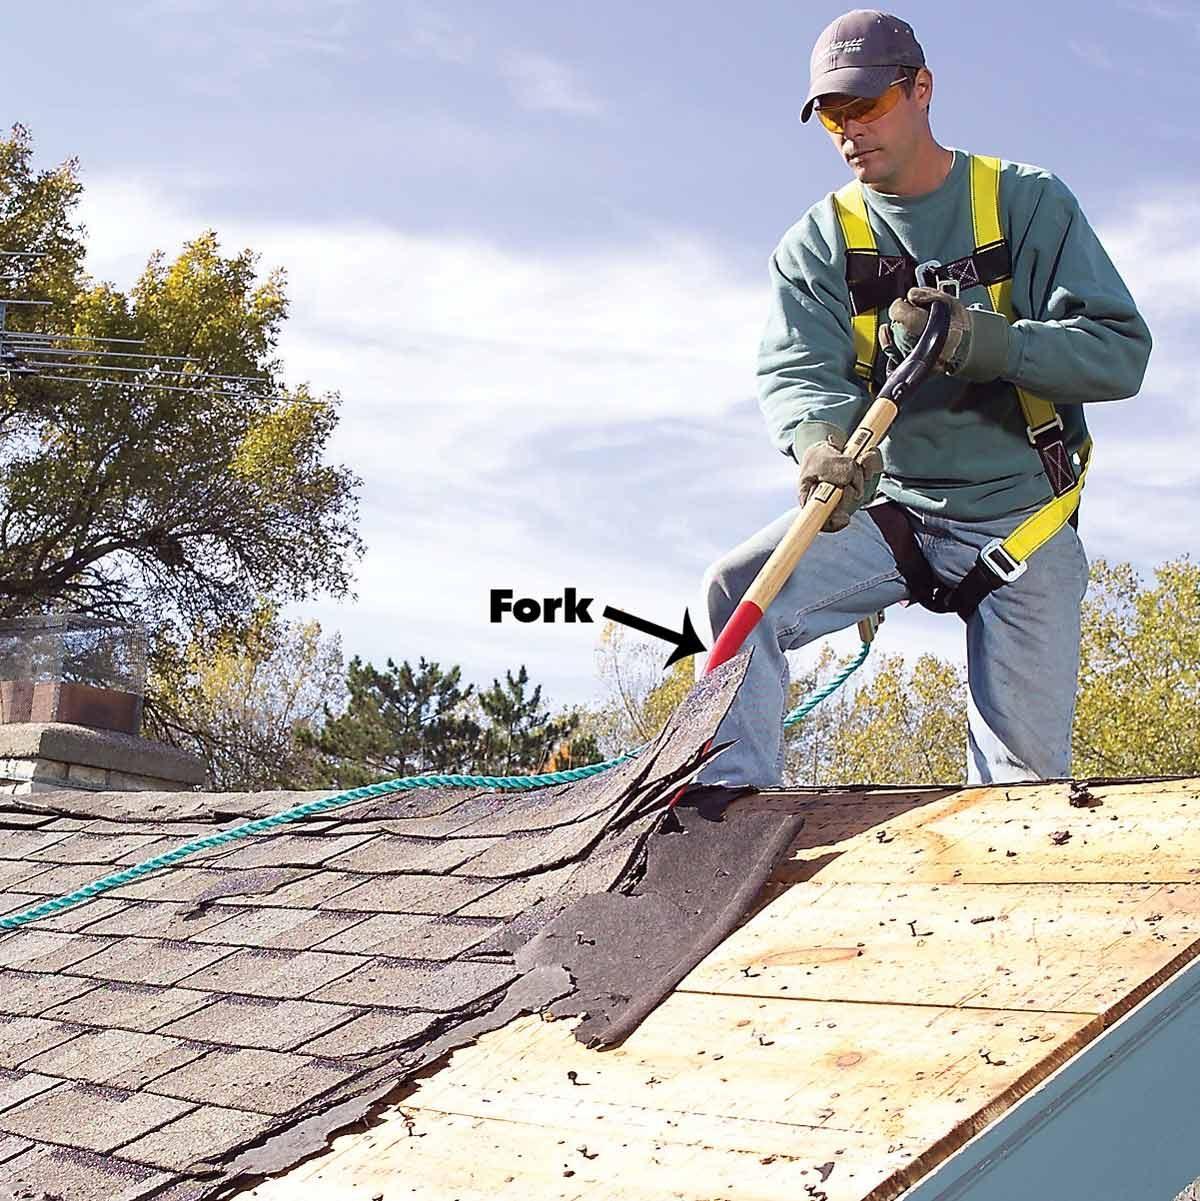 roofing tear off tools, tear off shovel, shed shingles fork